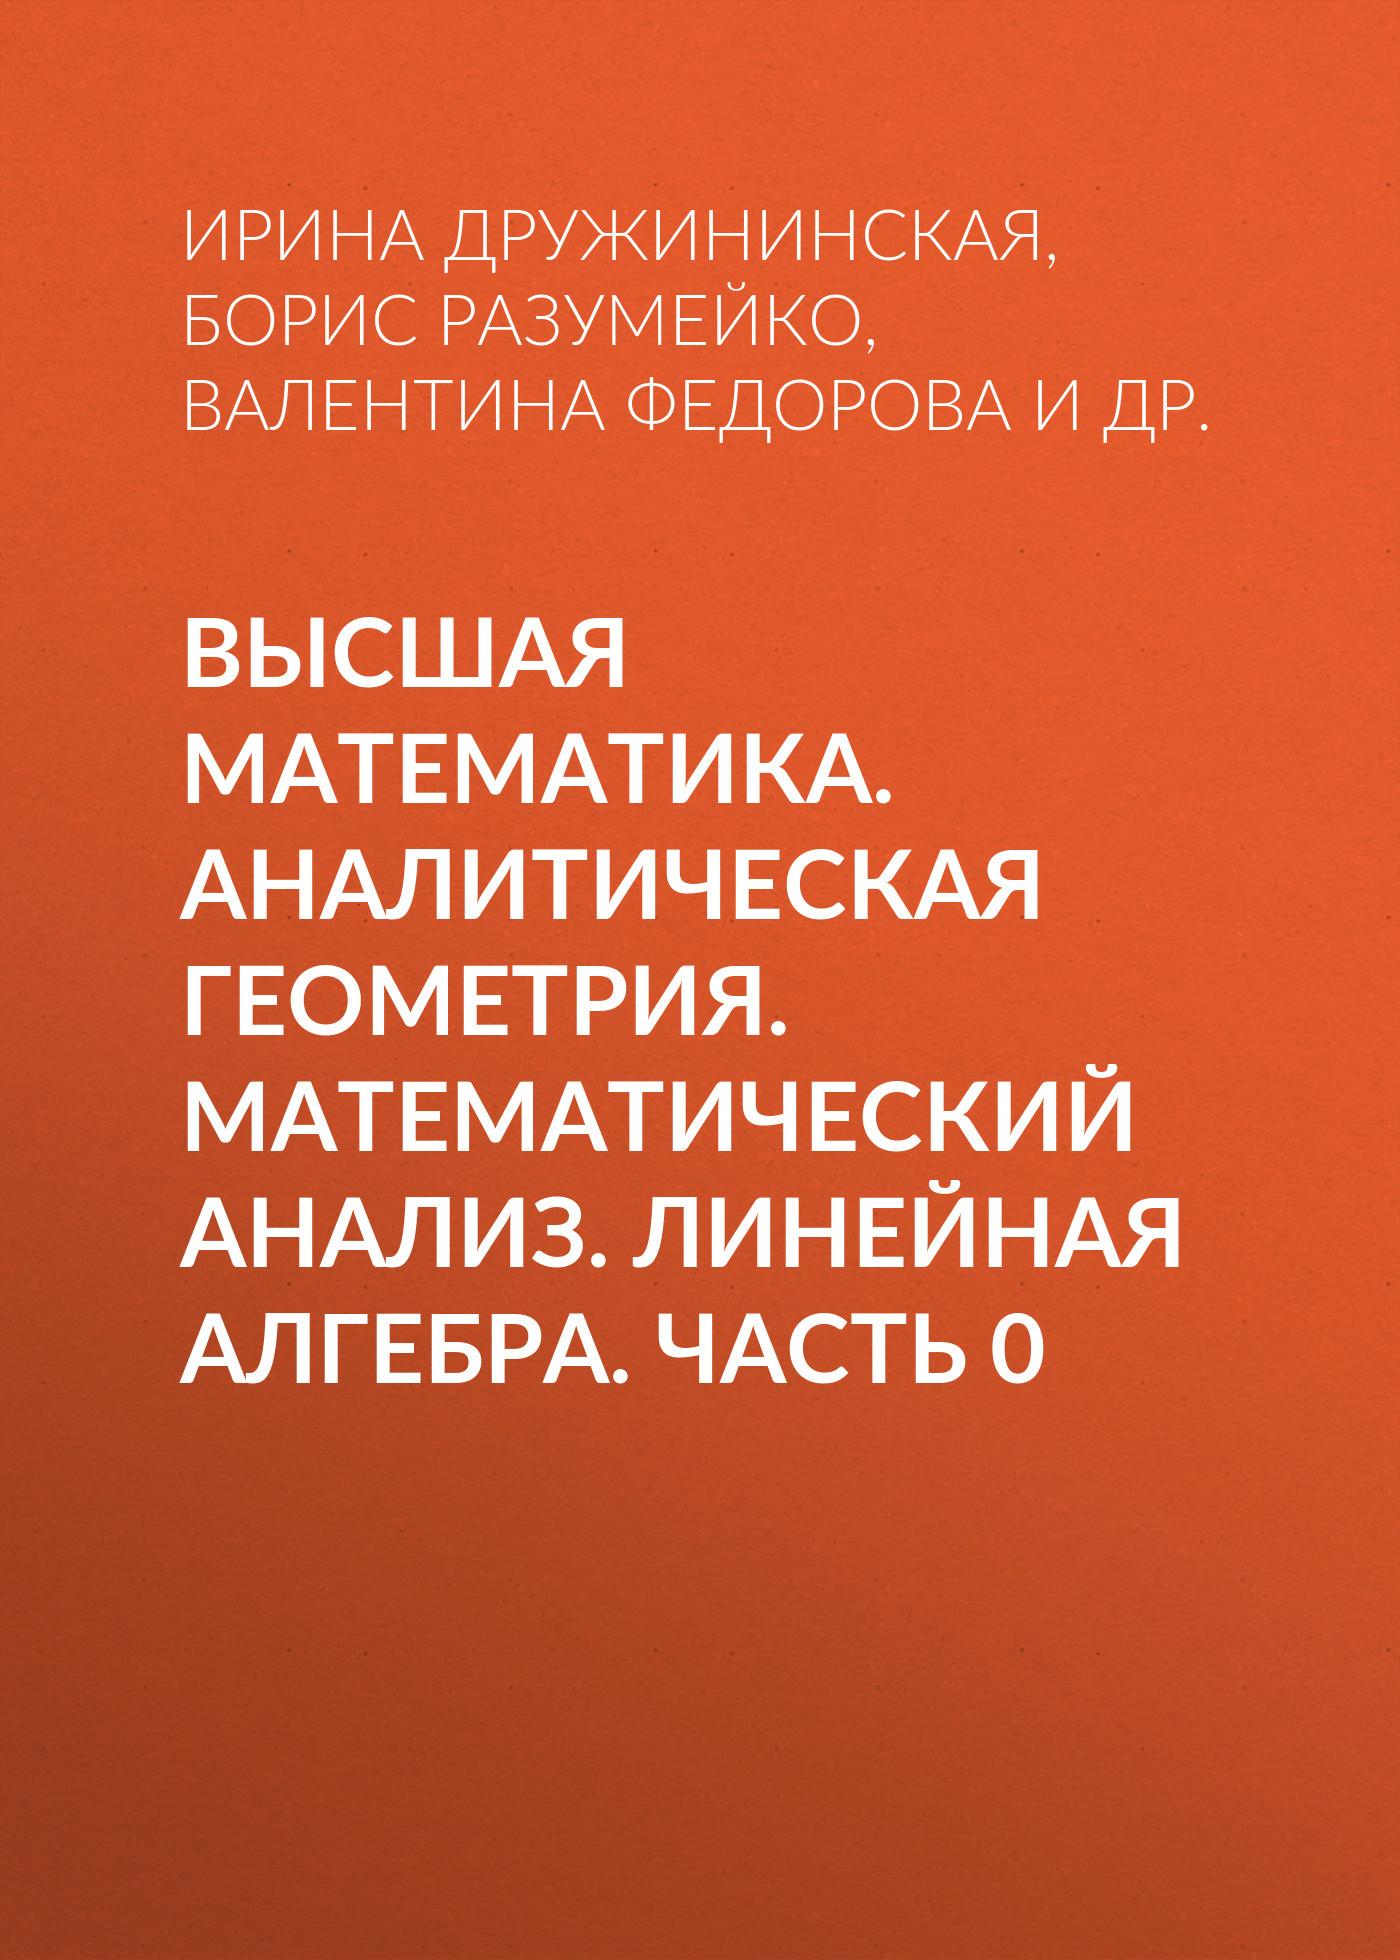 Б. Г. Разумейко Высшая математика. Аналитическая геометрия. Математический анализ. Линейная алгебра. Часть 0 п прилуцкая линейная алгебра аналитическая геометрия